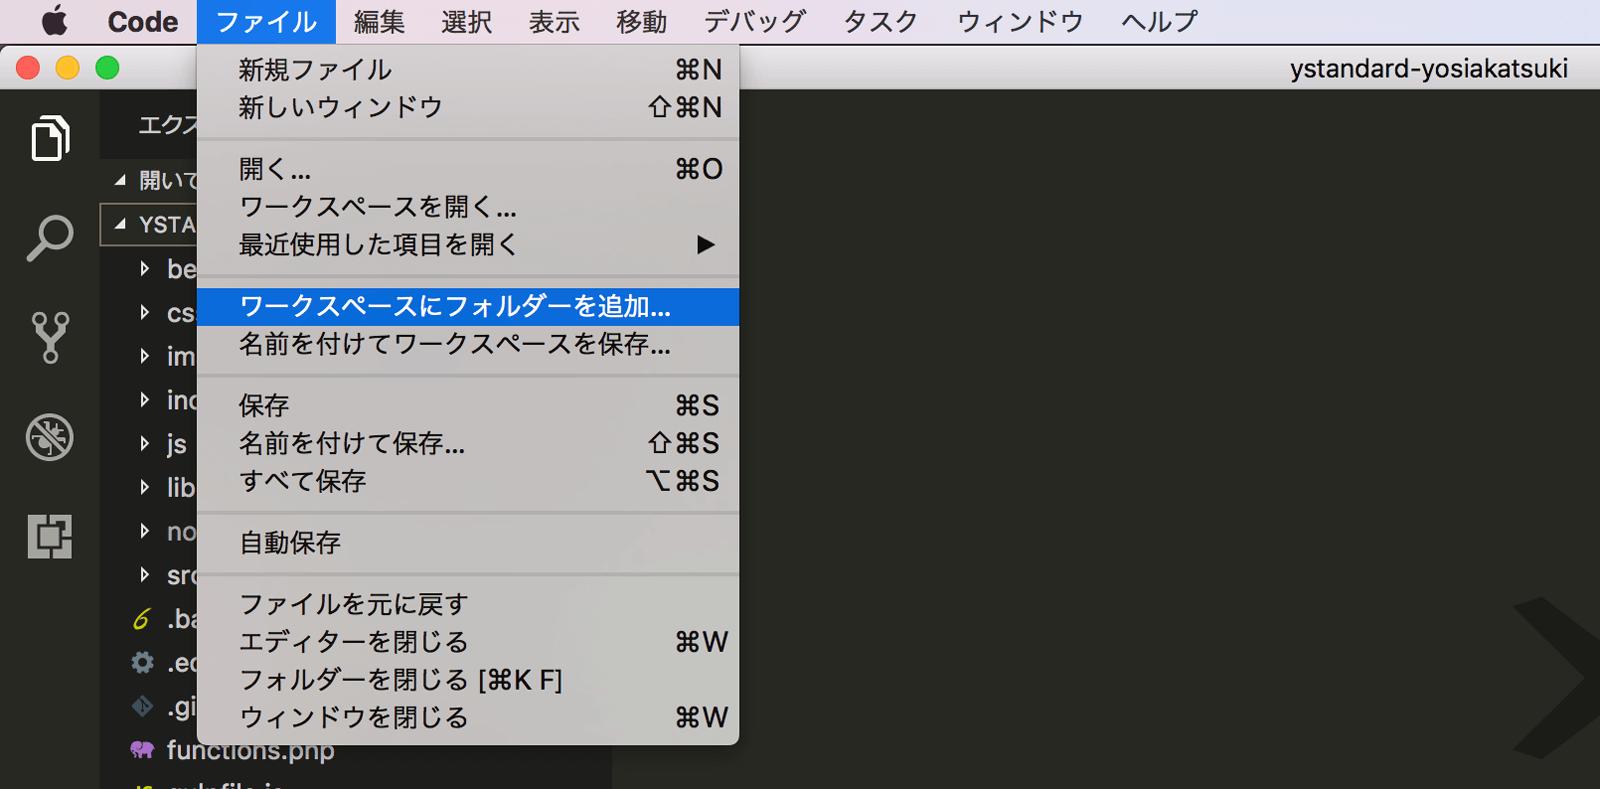 複数フォルダをまとめて開くためにワークスペースにフォルダを追加します